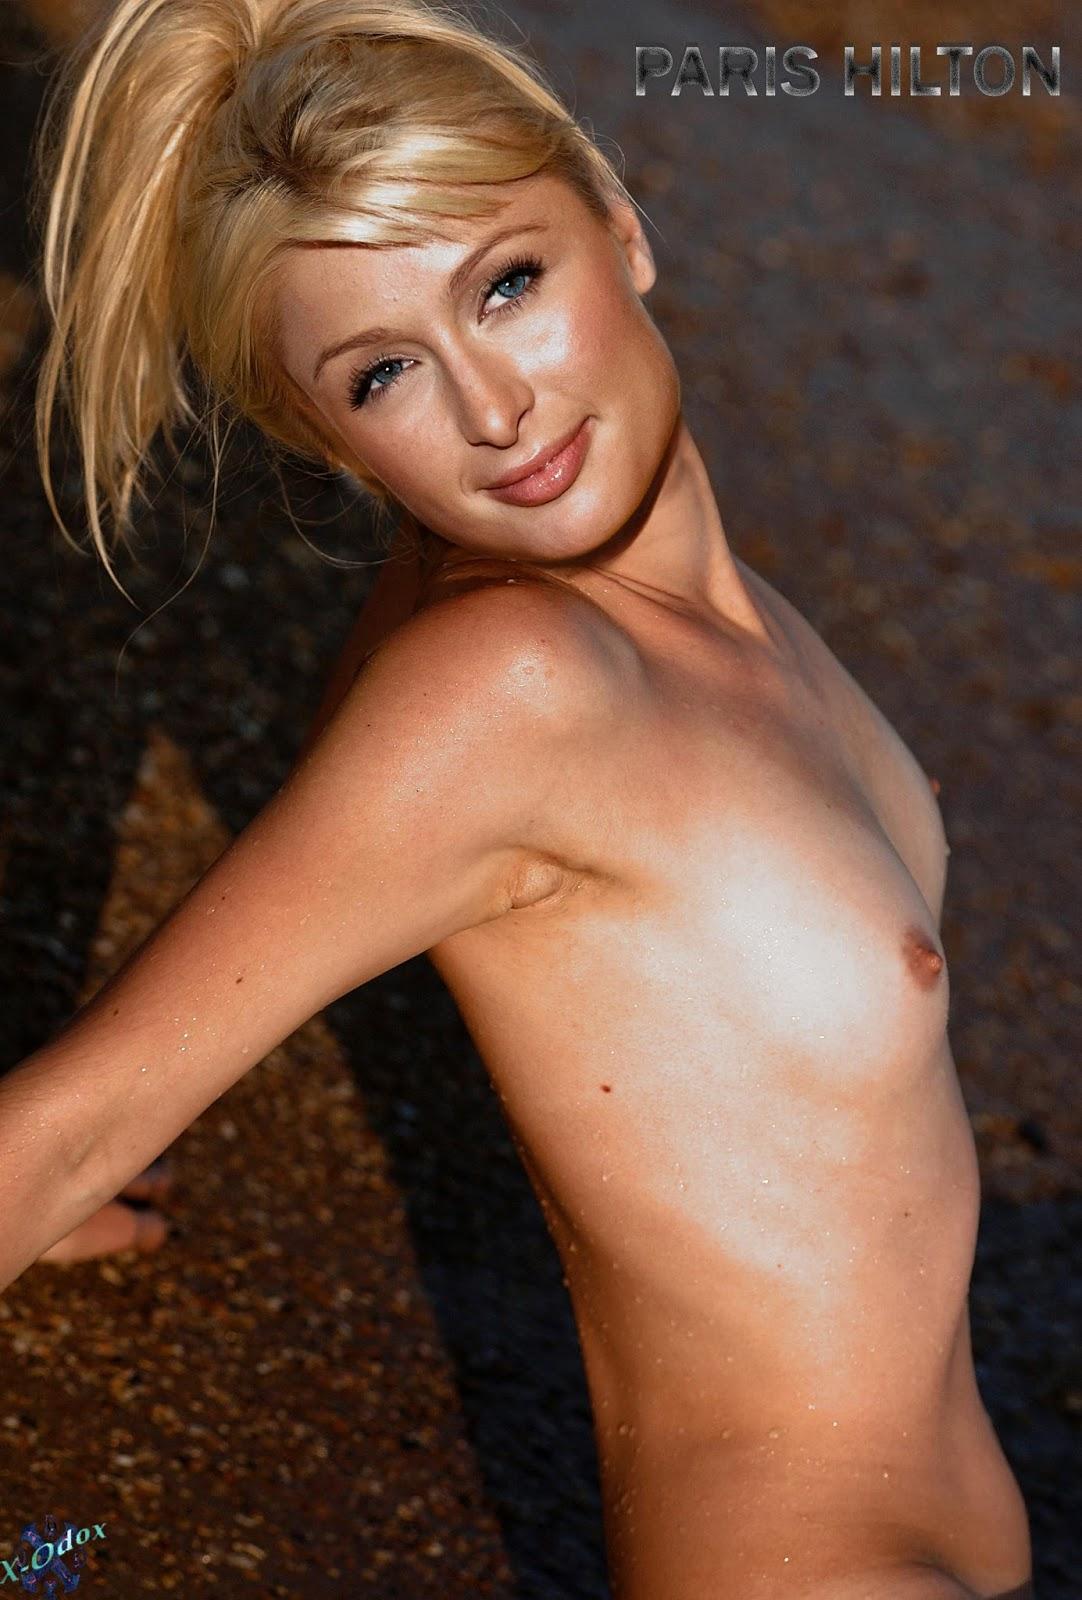 paris hilton naked xxx